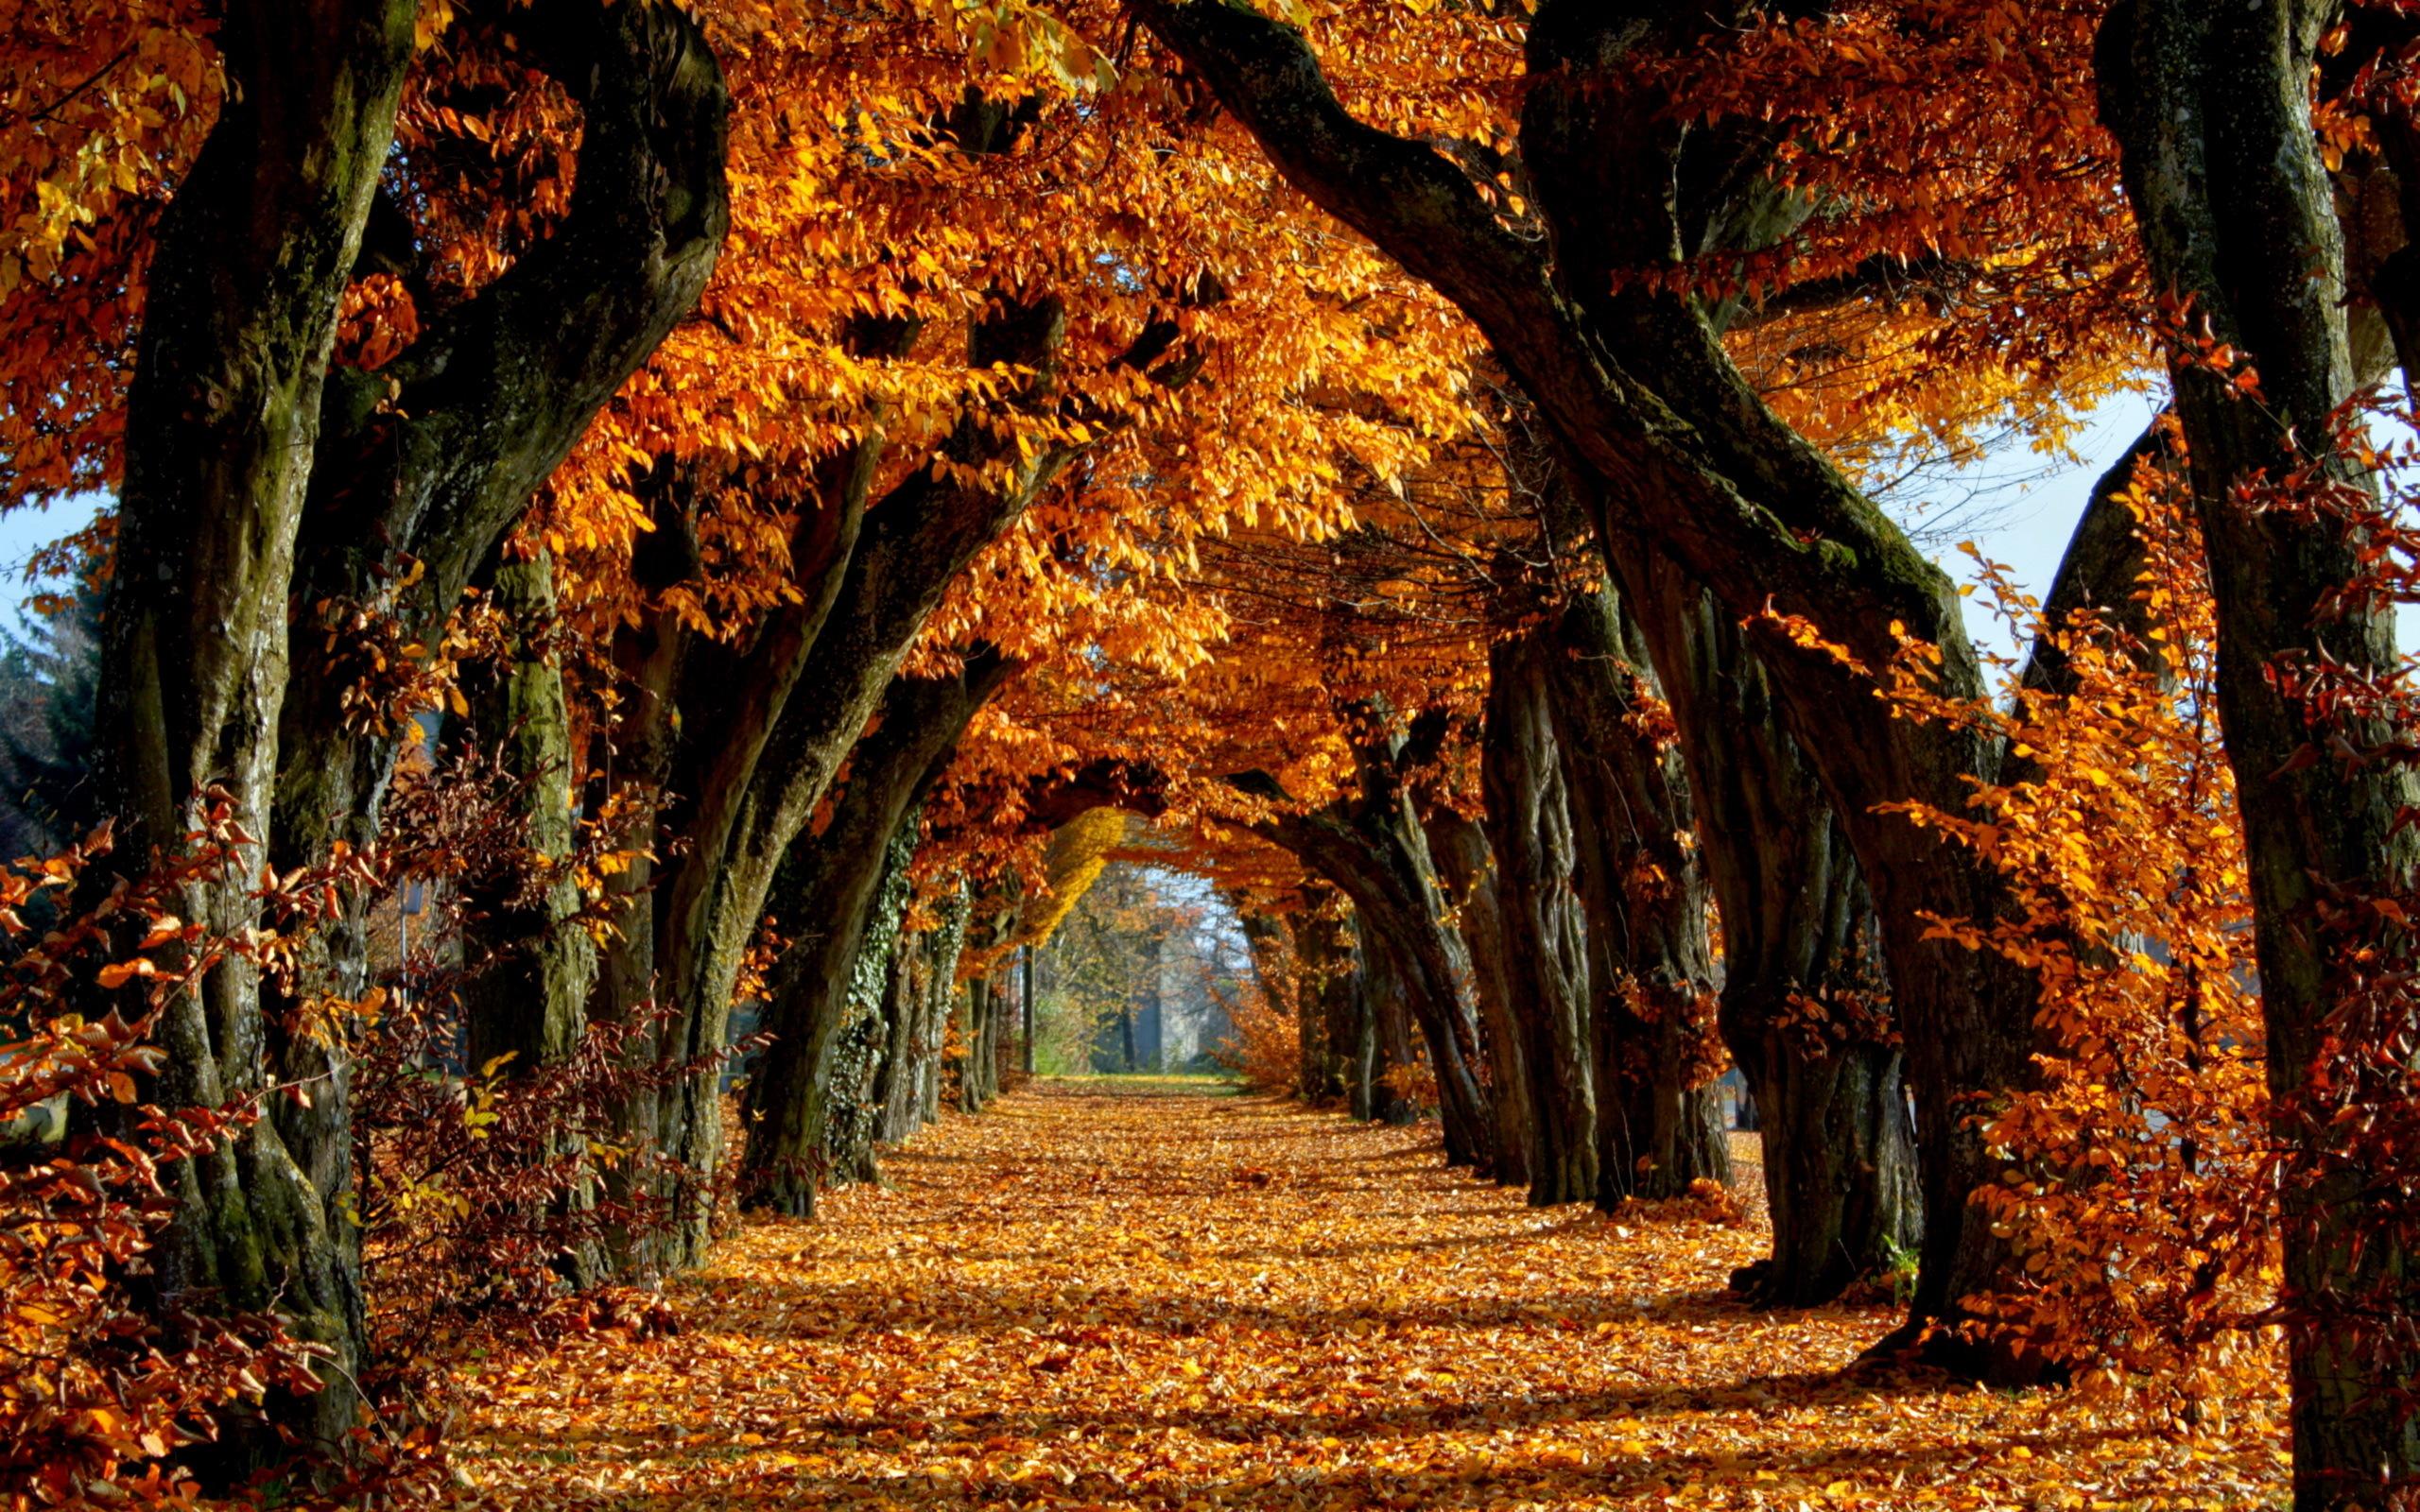 72 Autumn Hd Wallpapers On Wallpapersafari